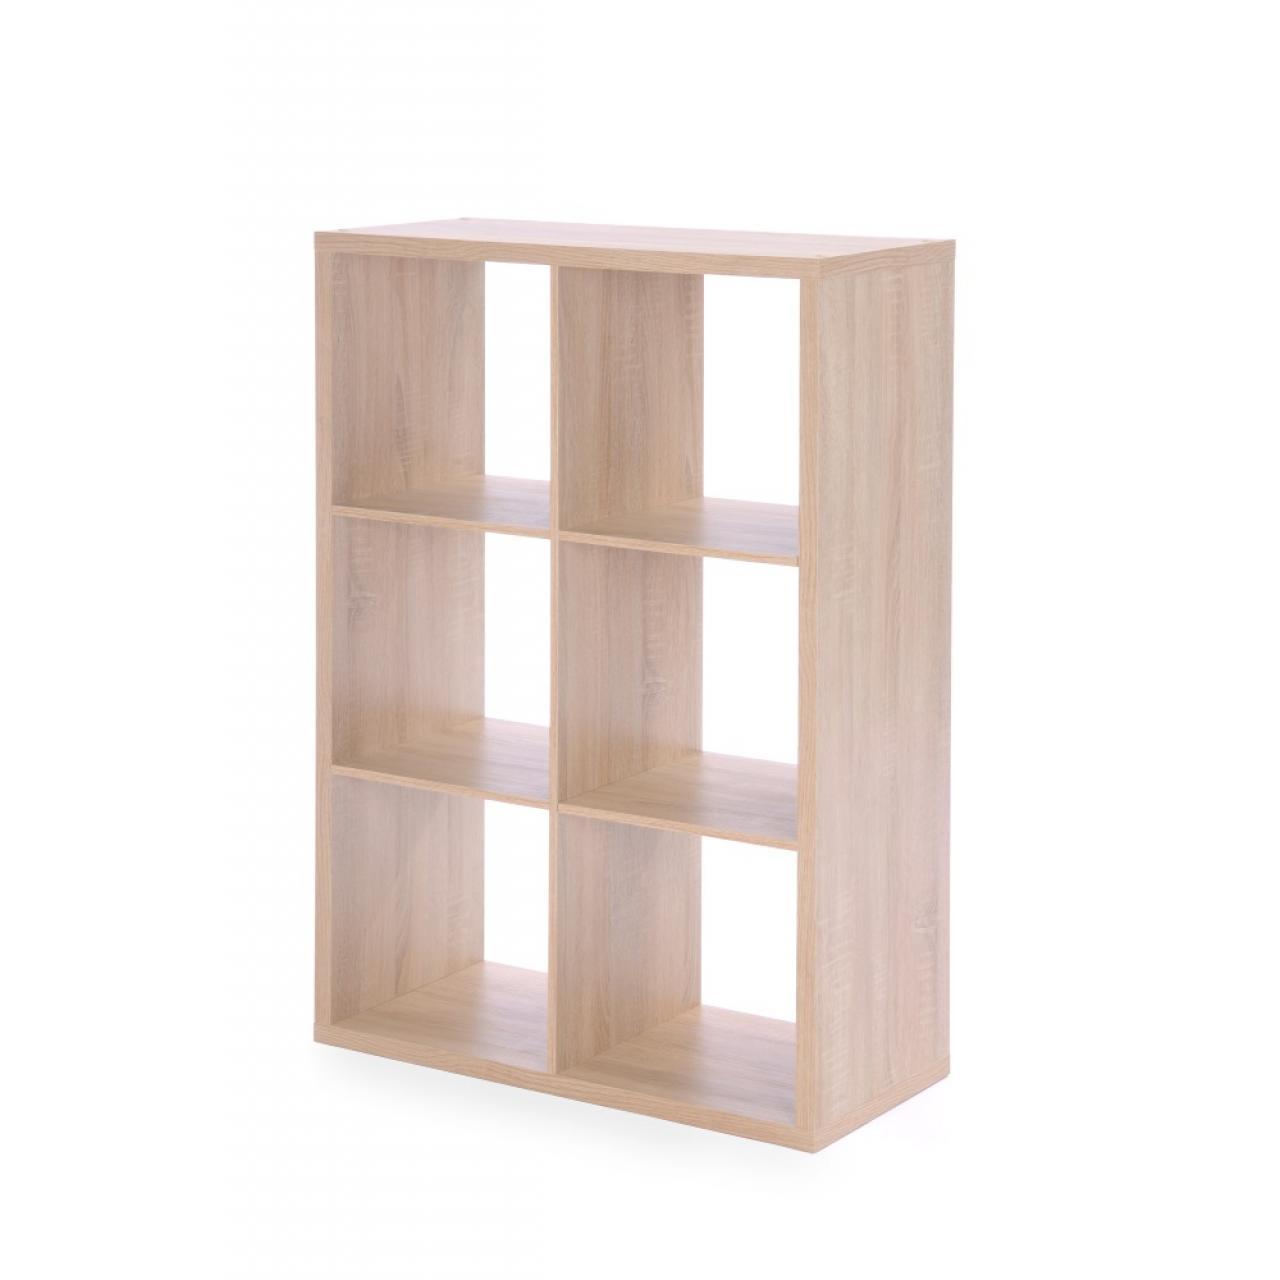 raumteiler max sonoma eiche 6 offene f cher m bel j hnichen center gmbh. Black Bedroom Furniture Sets. Home Design Ideas